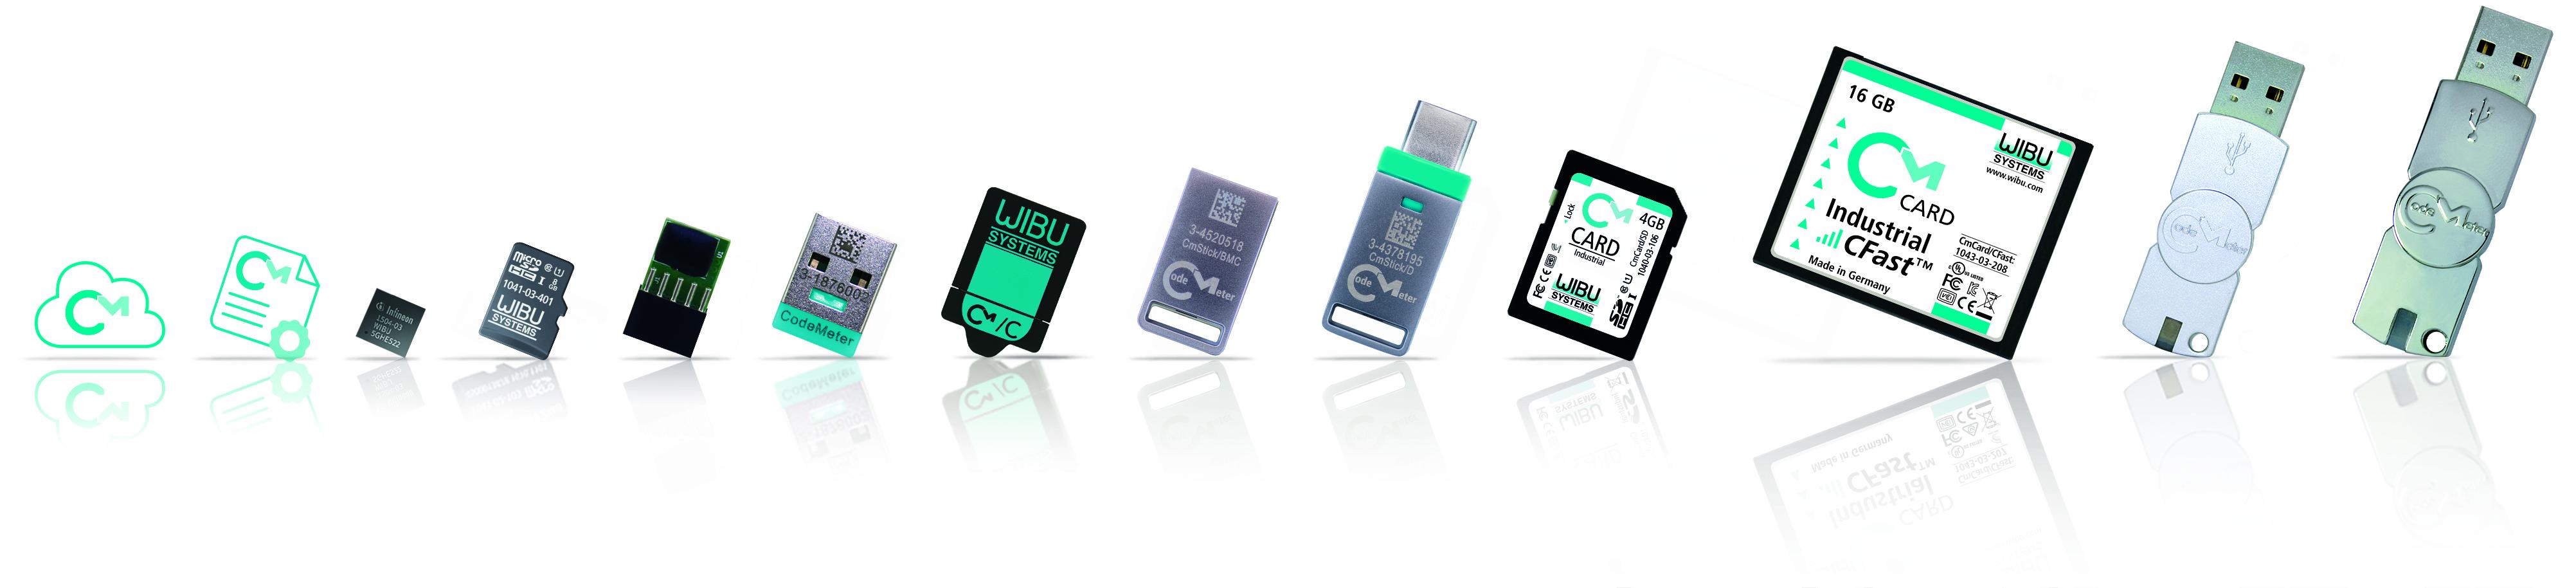 Die CodeMeter-Technologie gibt es in unterschiedlichen Ausführungen. (Bild: Wibu-Systems AG)